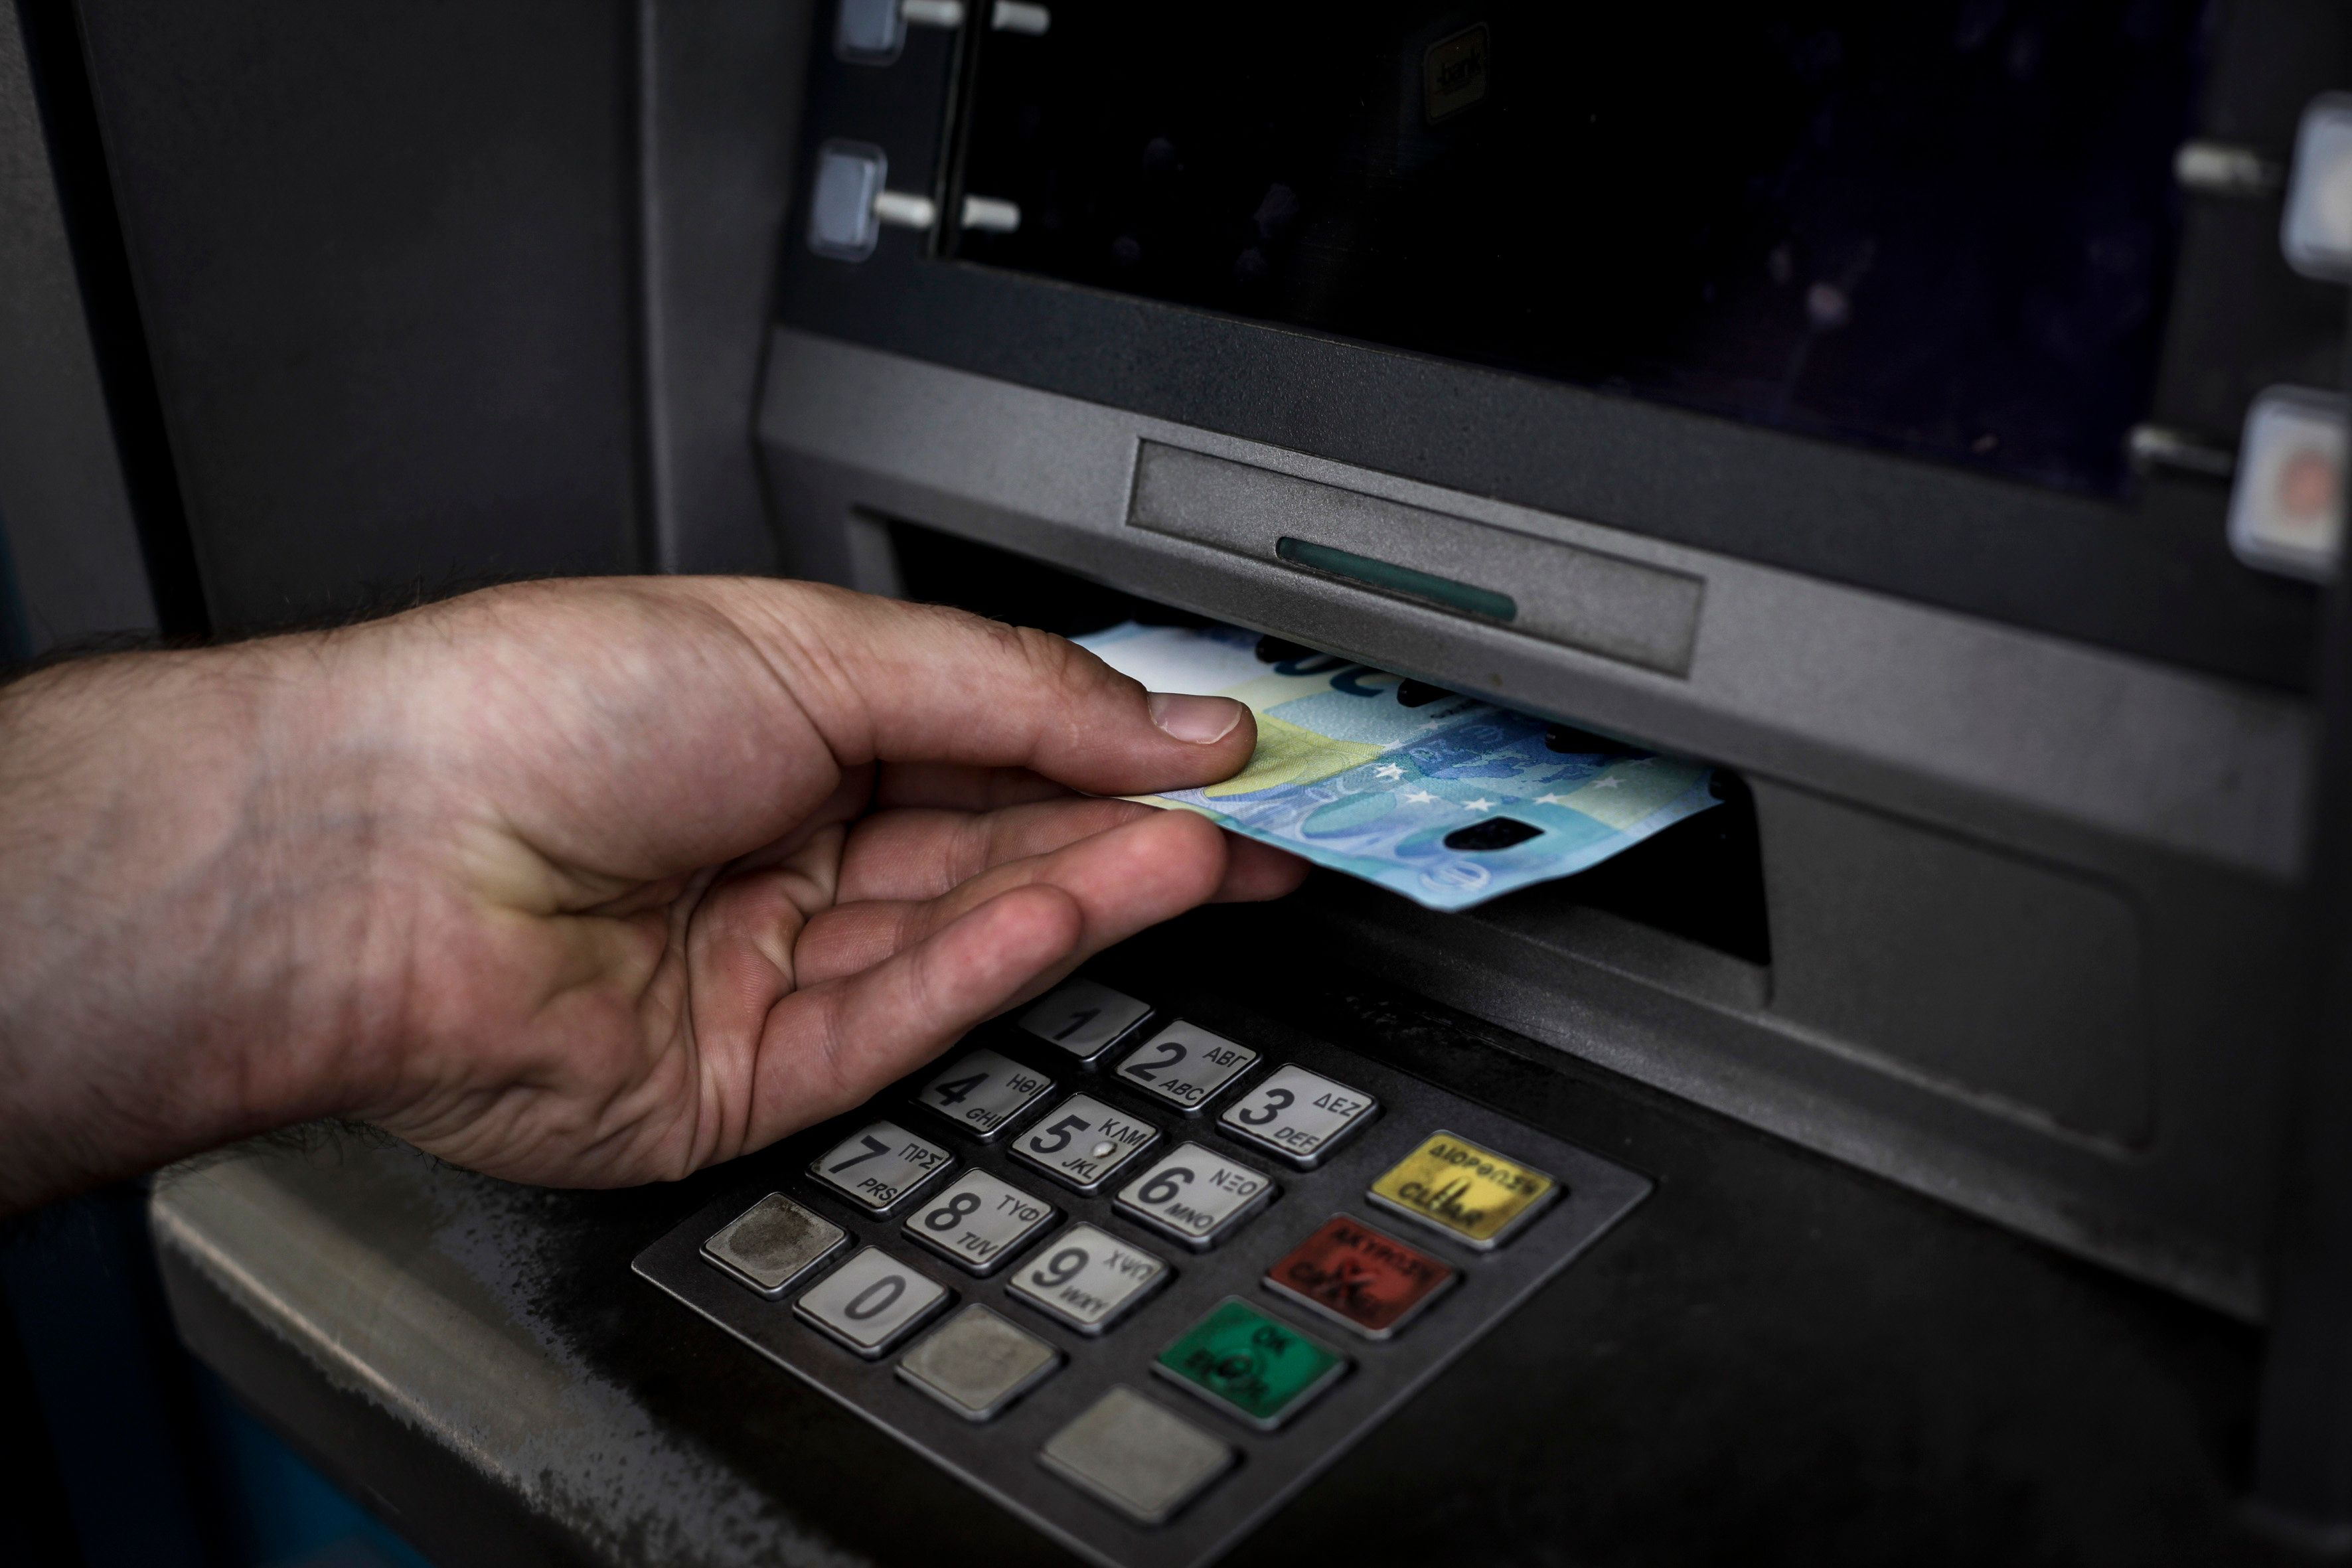 Νέες αλλαγές στα capitals controls: Άνοιγμα λογαριασμών για όλους και αύξηση του ορίου ανάληψης